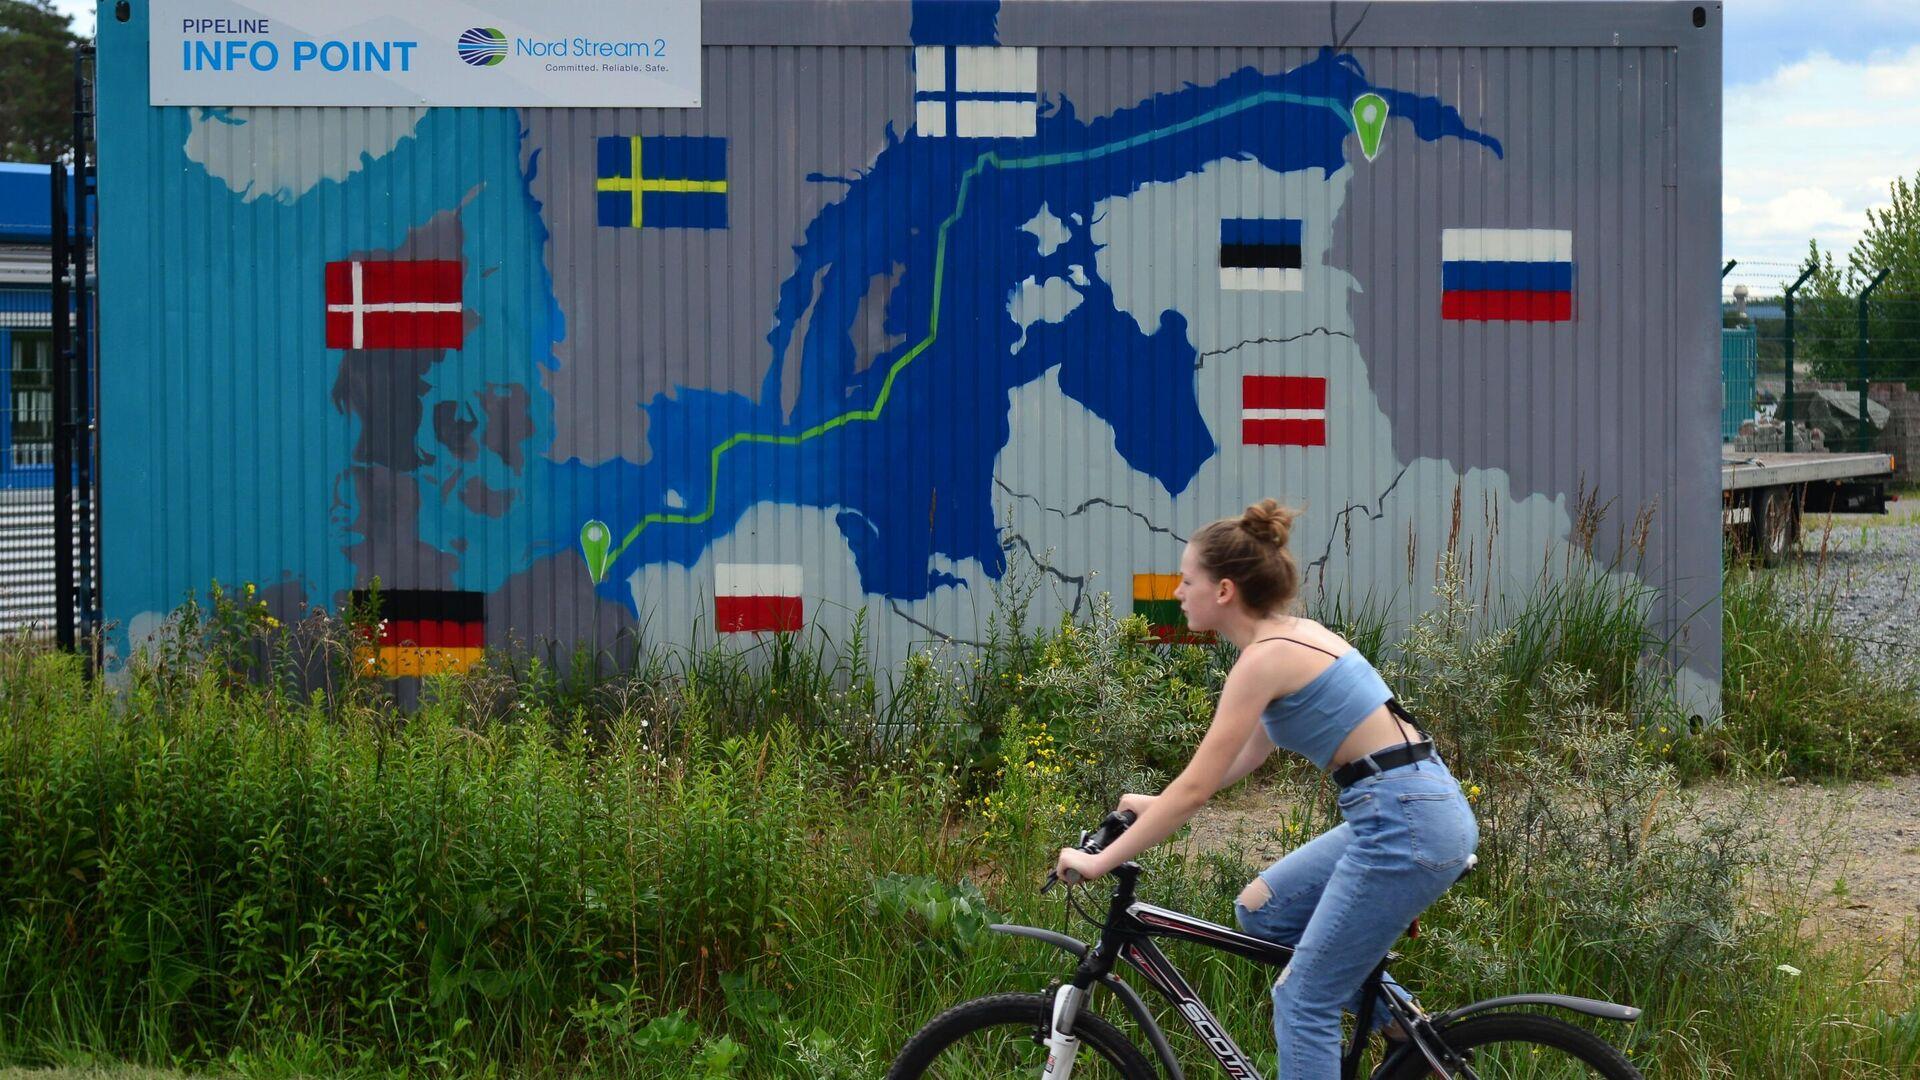 Eine Radfahrerin vor der Baustelle der Gaspipeline Nord Stream 2 in Lubmin (Archivbild) - SNA, 1920, 09.09.2021